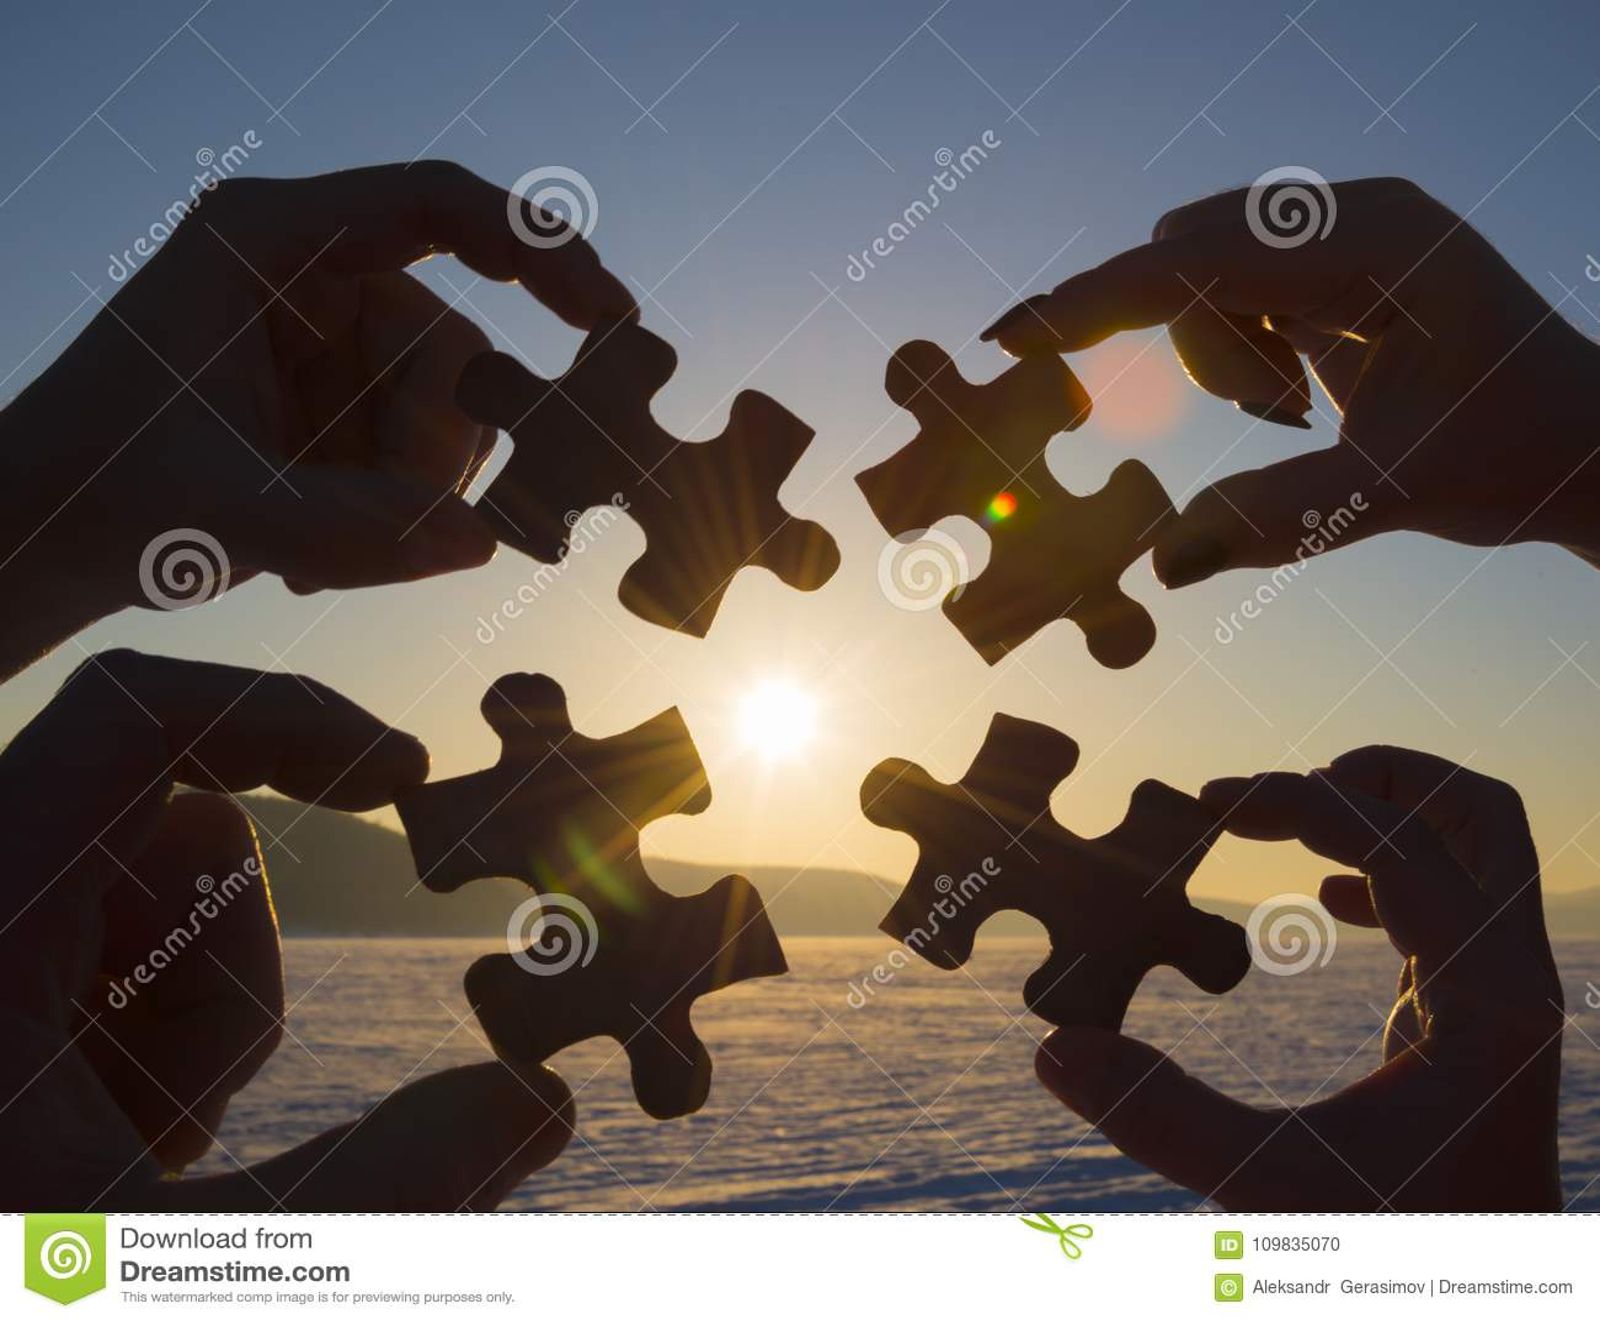 Colaboram quatro mãos que tentam conectar uma parte do enigma com um fundo do por do sol